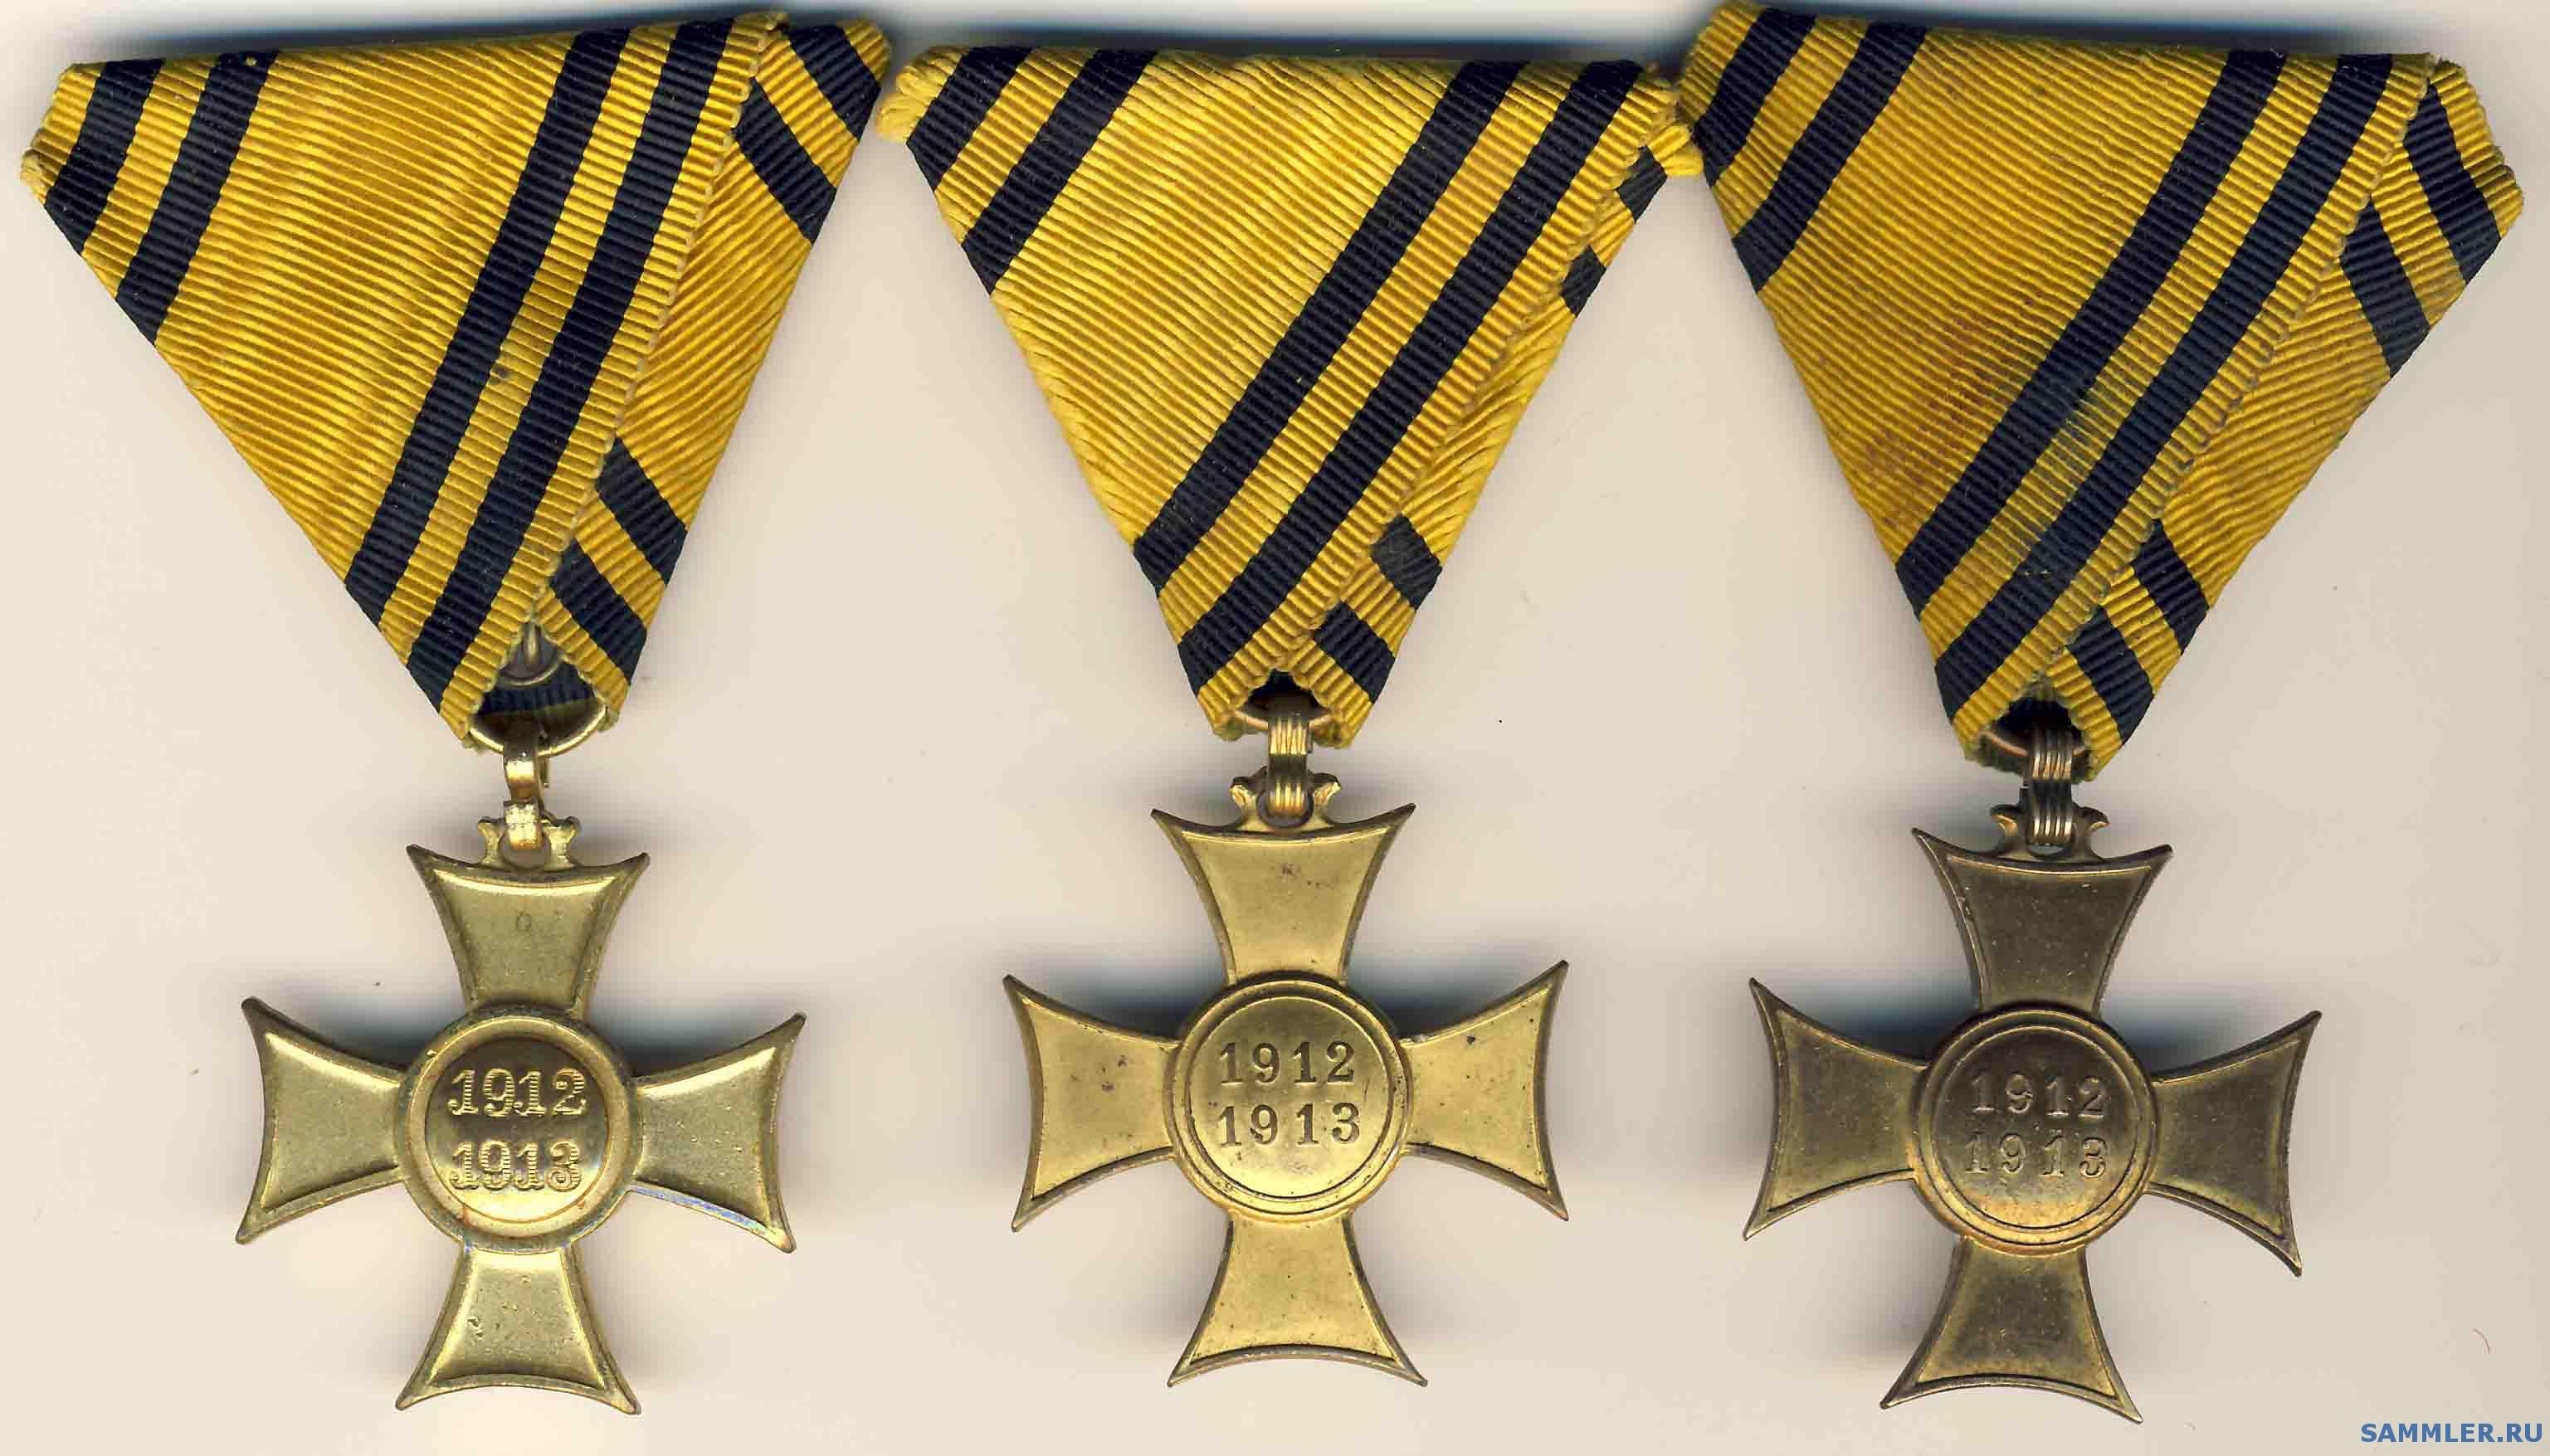 Награды австро венгерской империи кляссер для марок prinz imperial